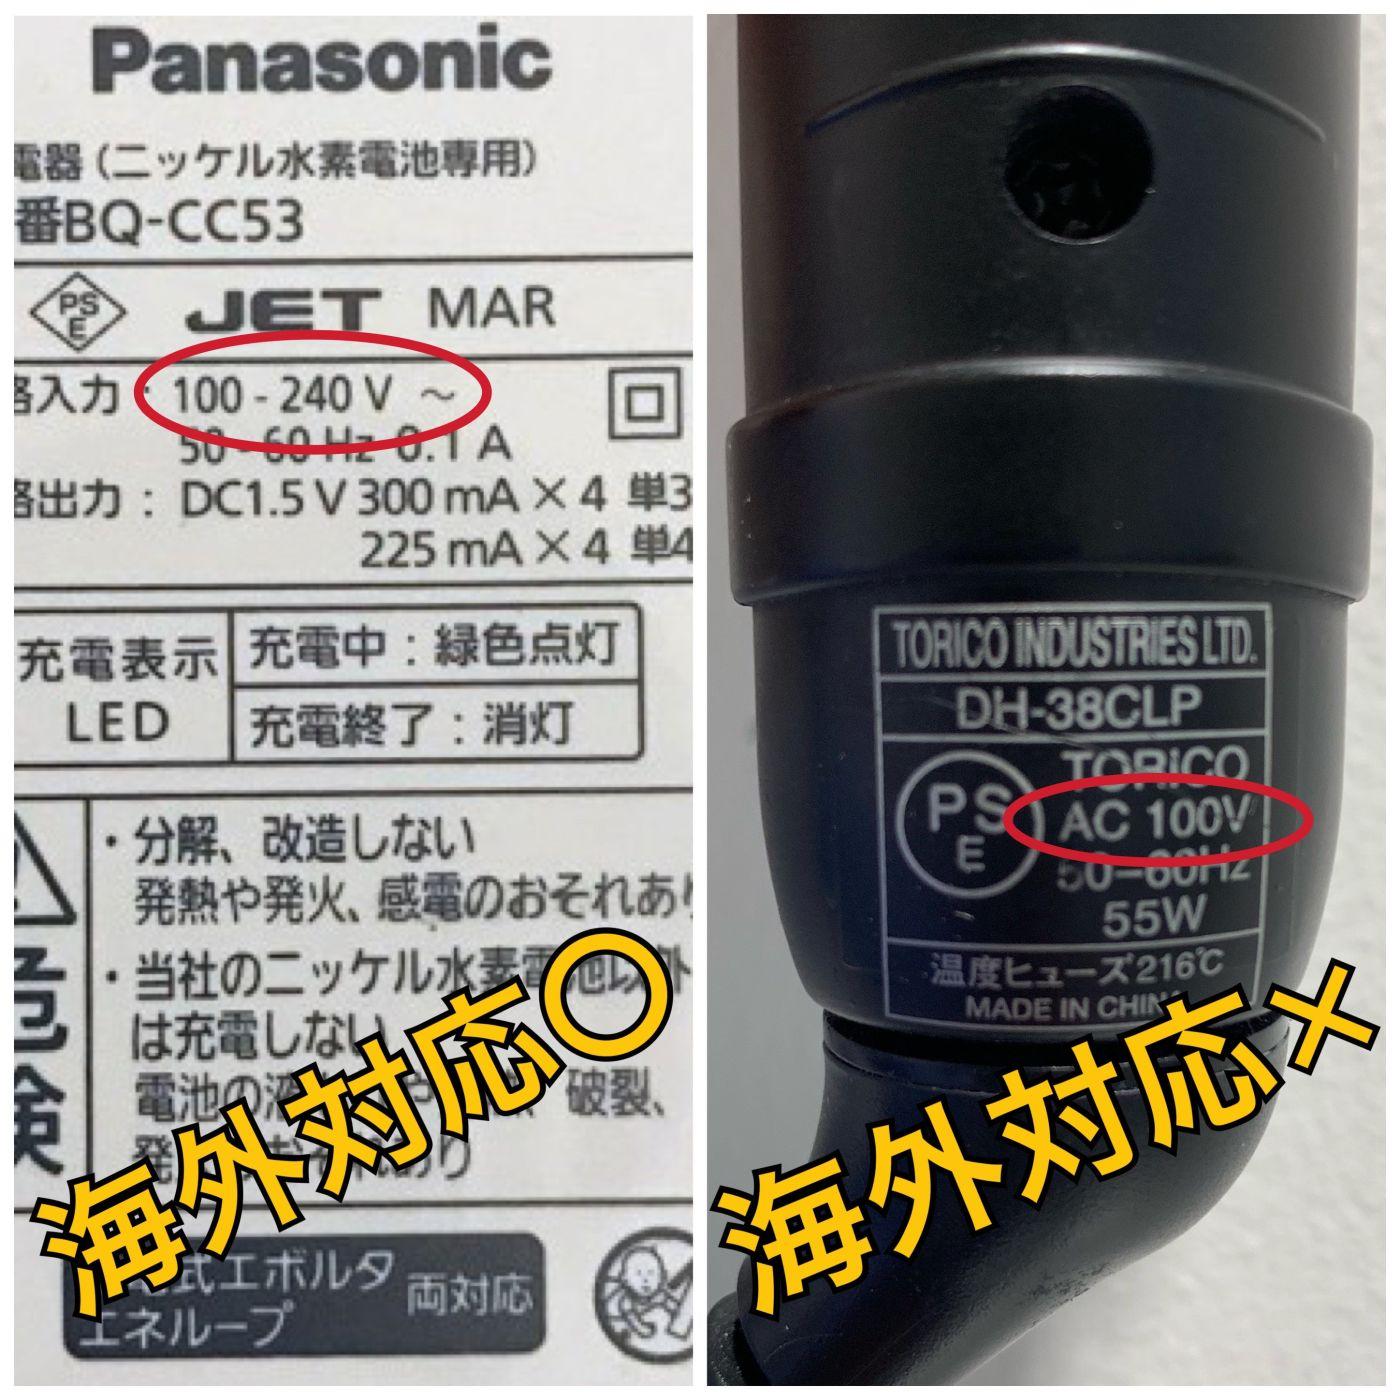 【既に持っている電化製品の海外対応を調べる方法】